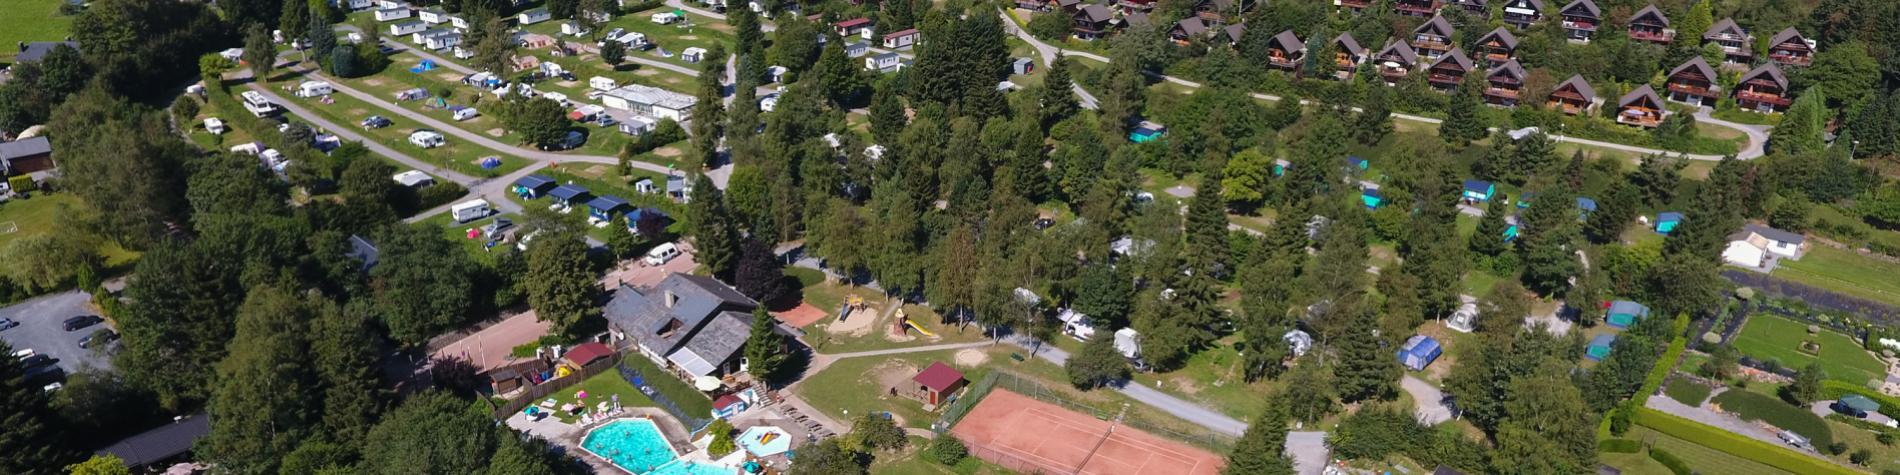 Vue du ciel du camping Petite Suisse à Dochamps